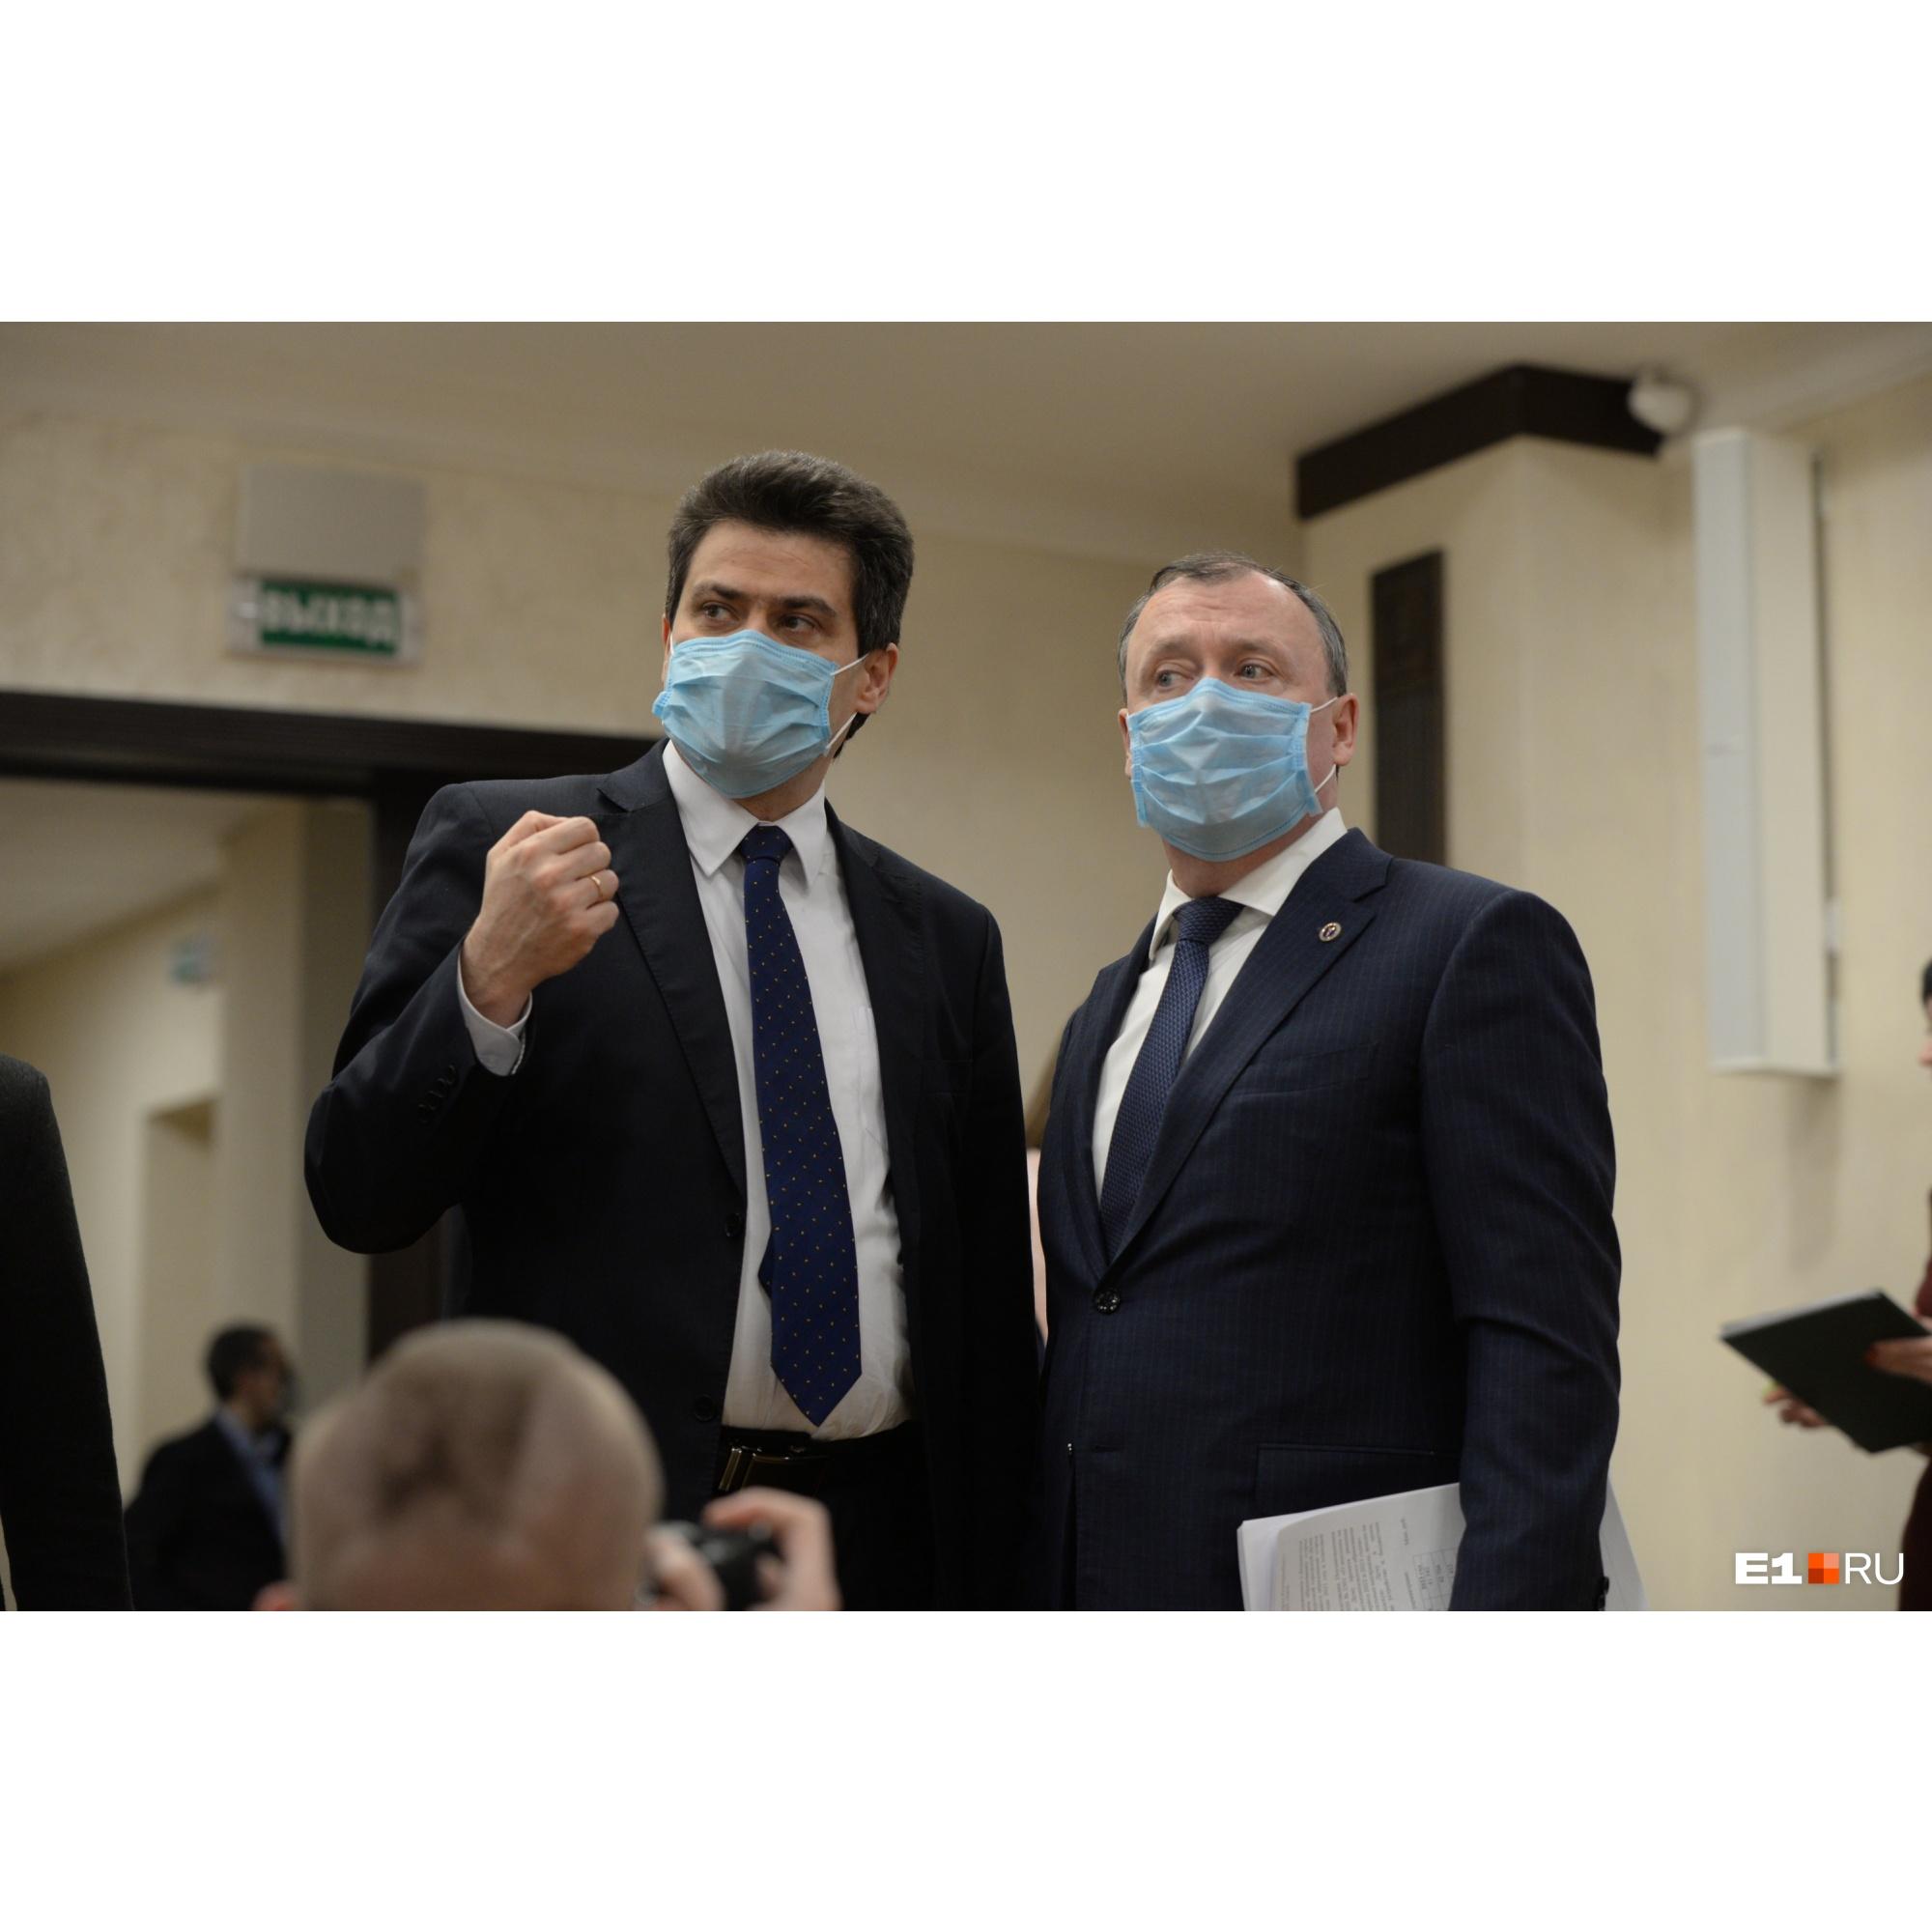 По мнению эксперта, своего предшественника Алексей Орлов уже превзошел в плане публичных выступлений